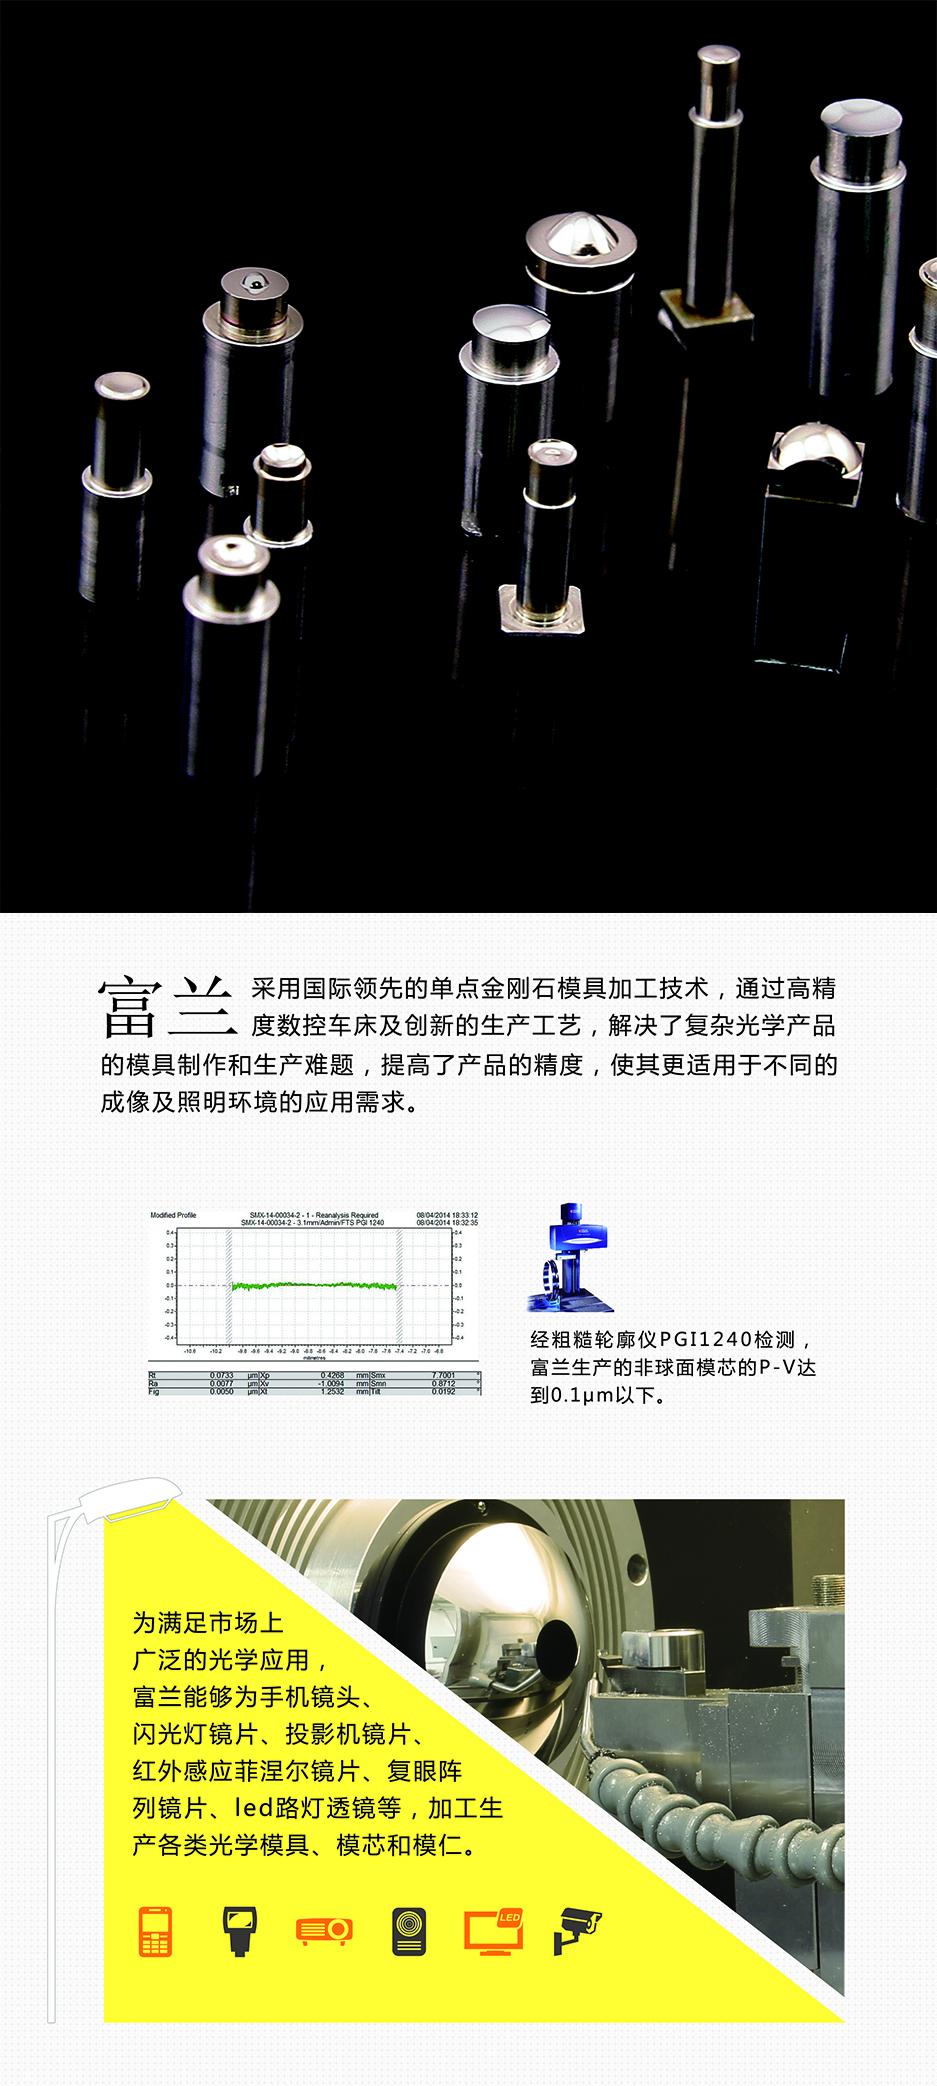 产品-模芯-中文